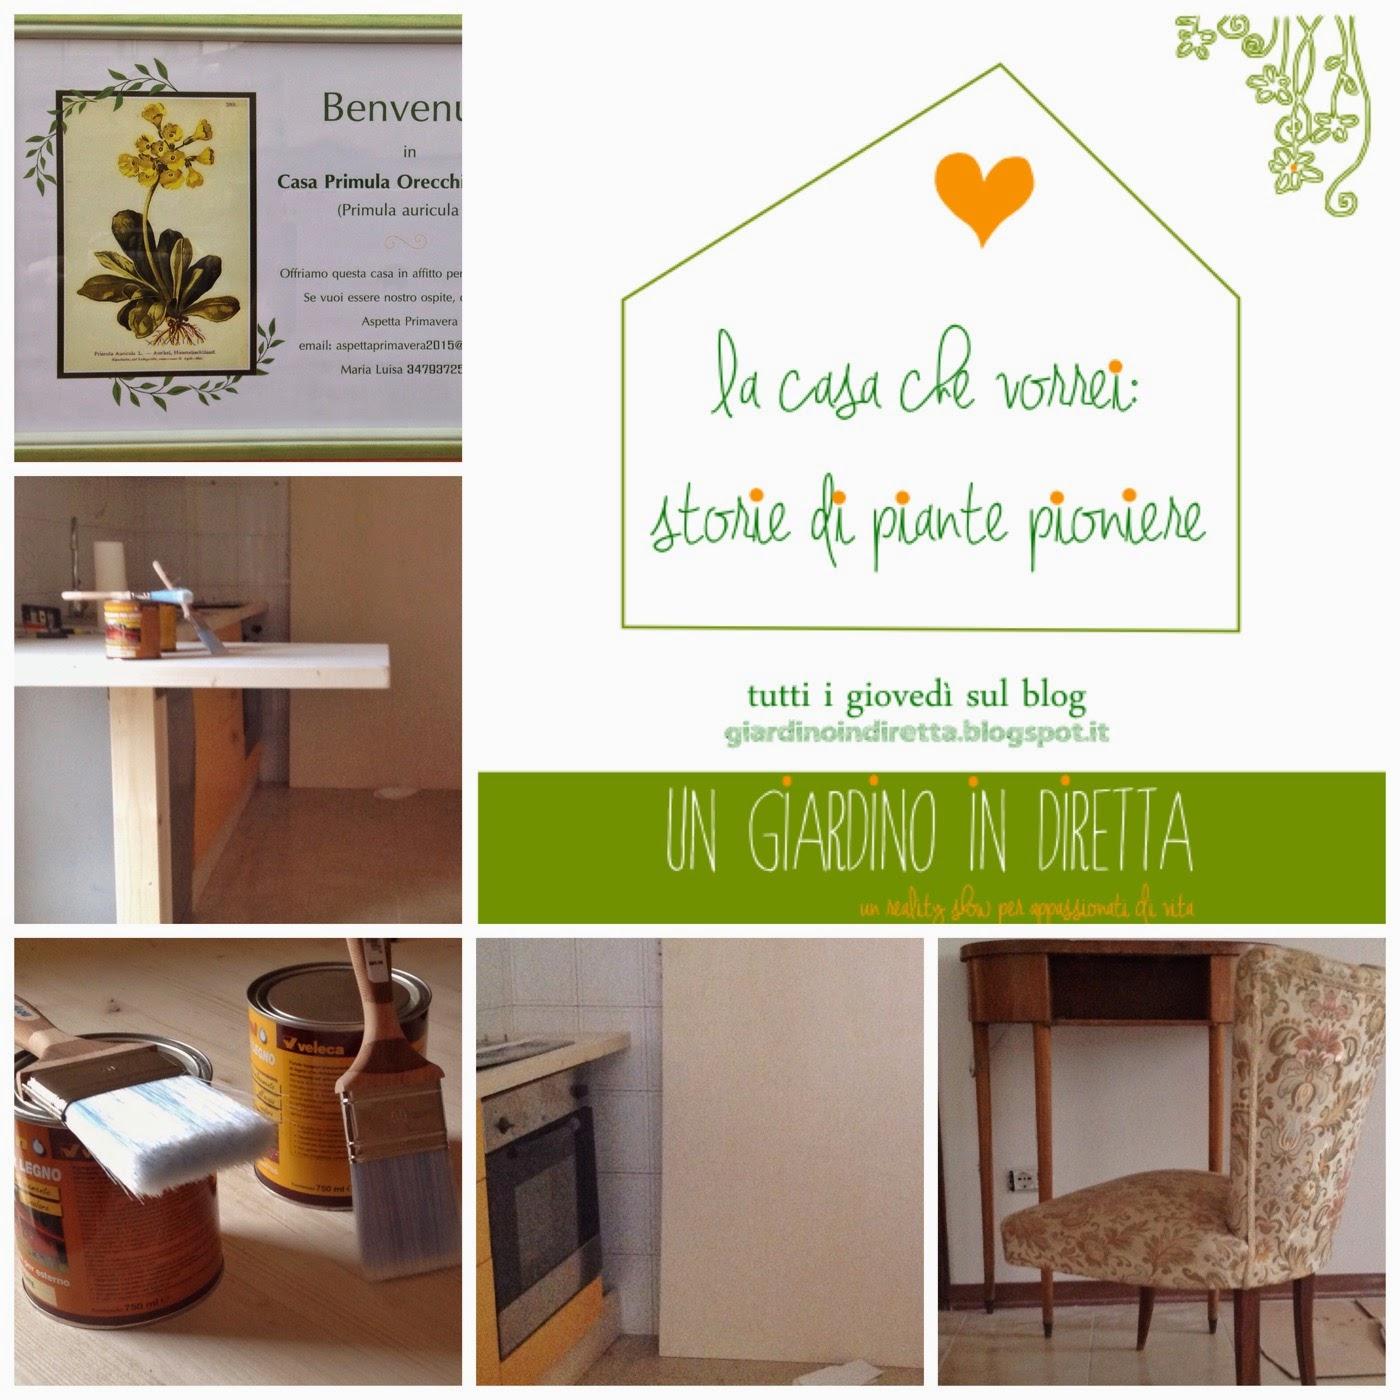 La casa che vorrei storie di piante pioniere sesta - Vorrei ristrutturare casa ...